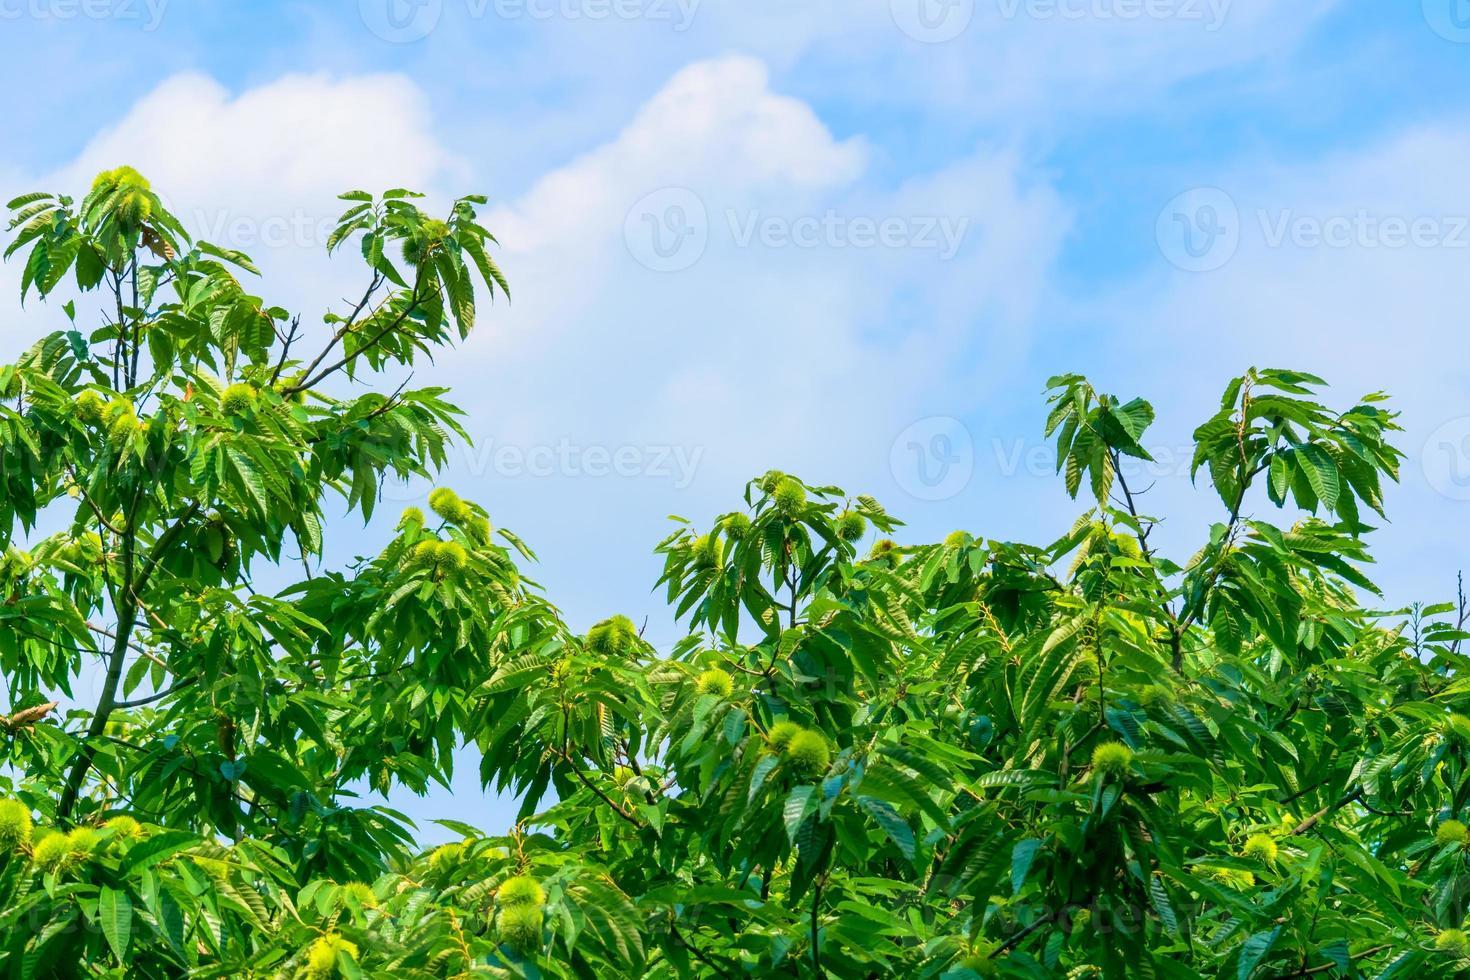 kastanjeboom en groene kastanjes foto